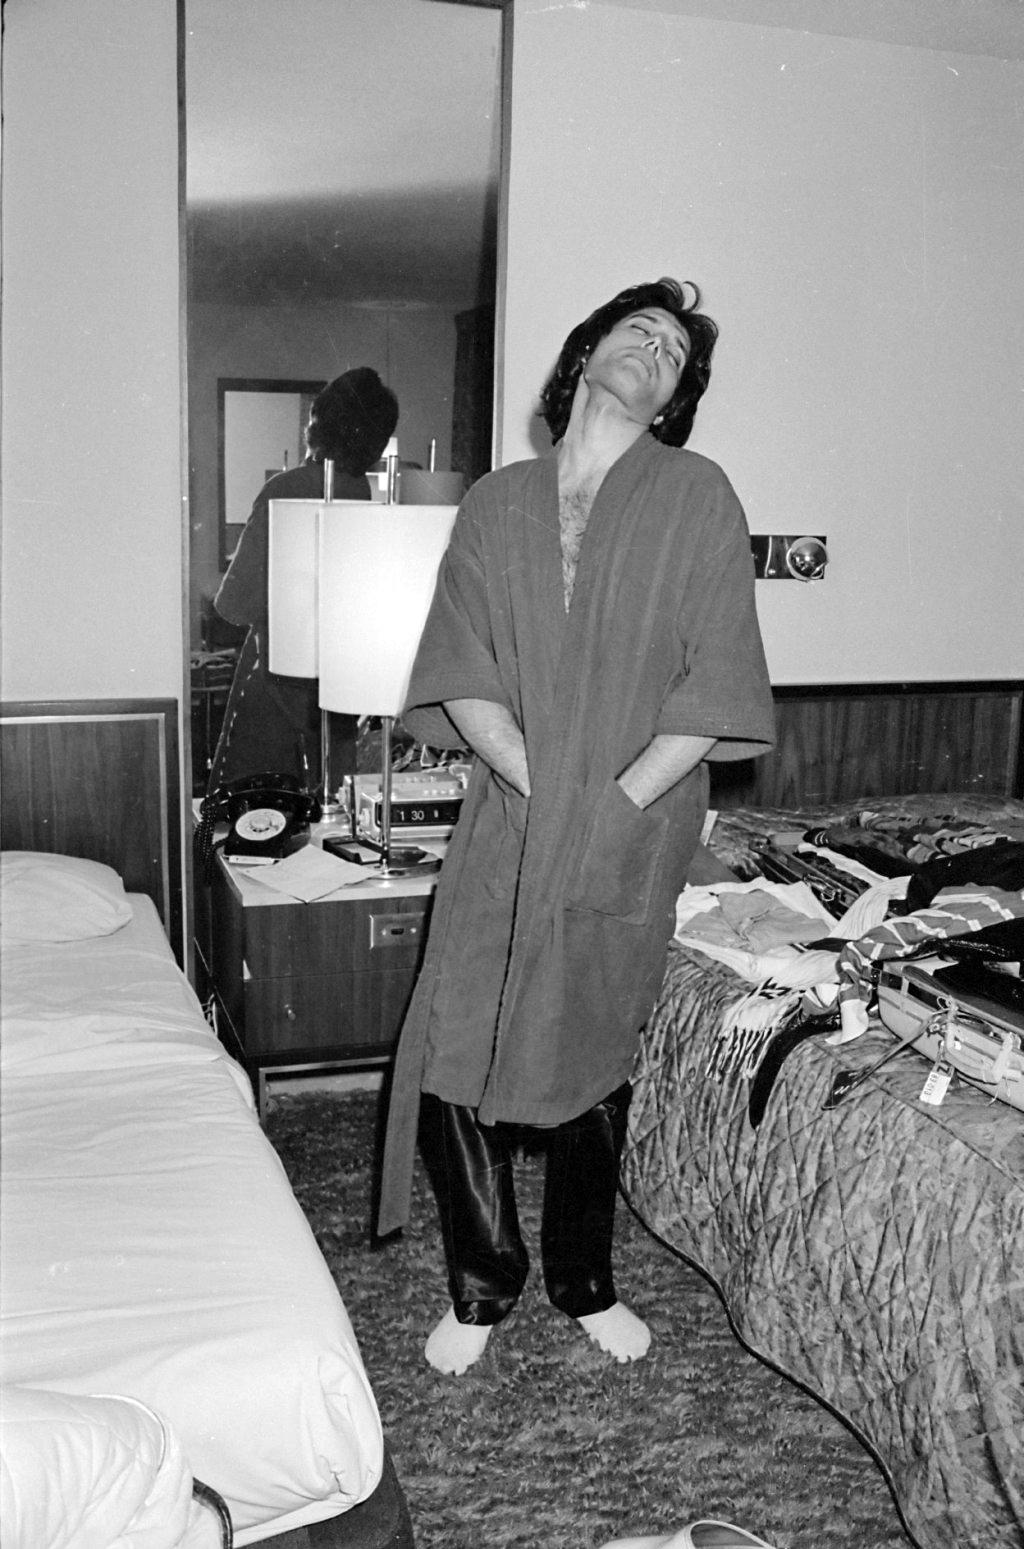 Freddie Mercury Bed 28 Images Freddie Mercury In A